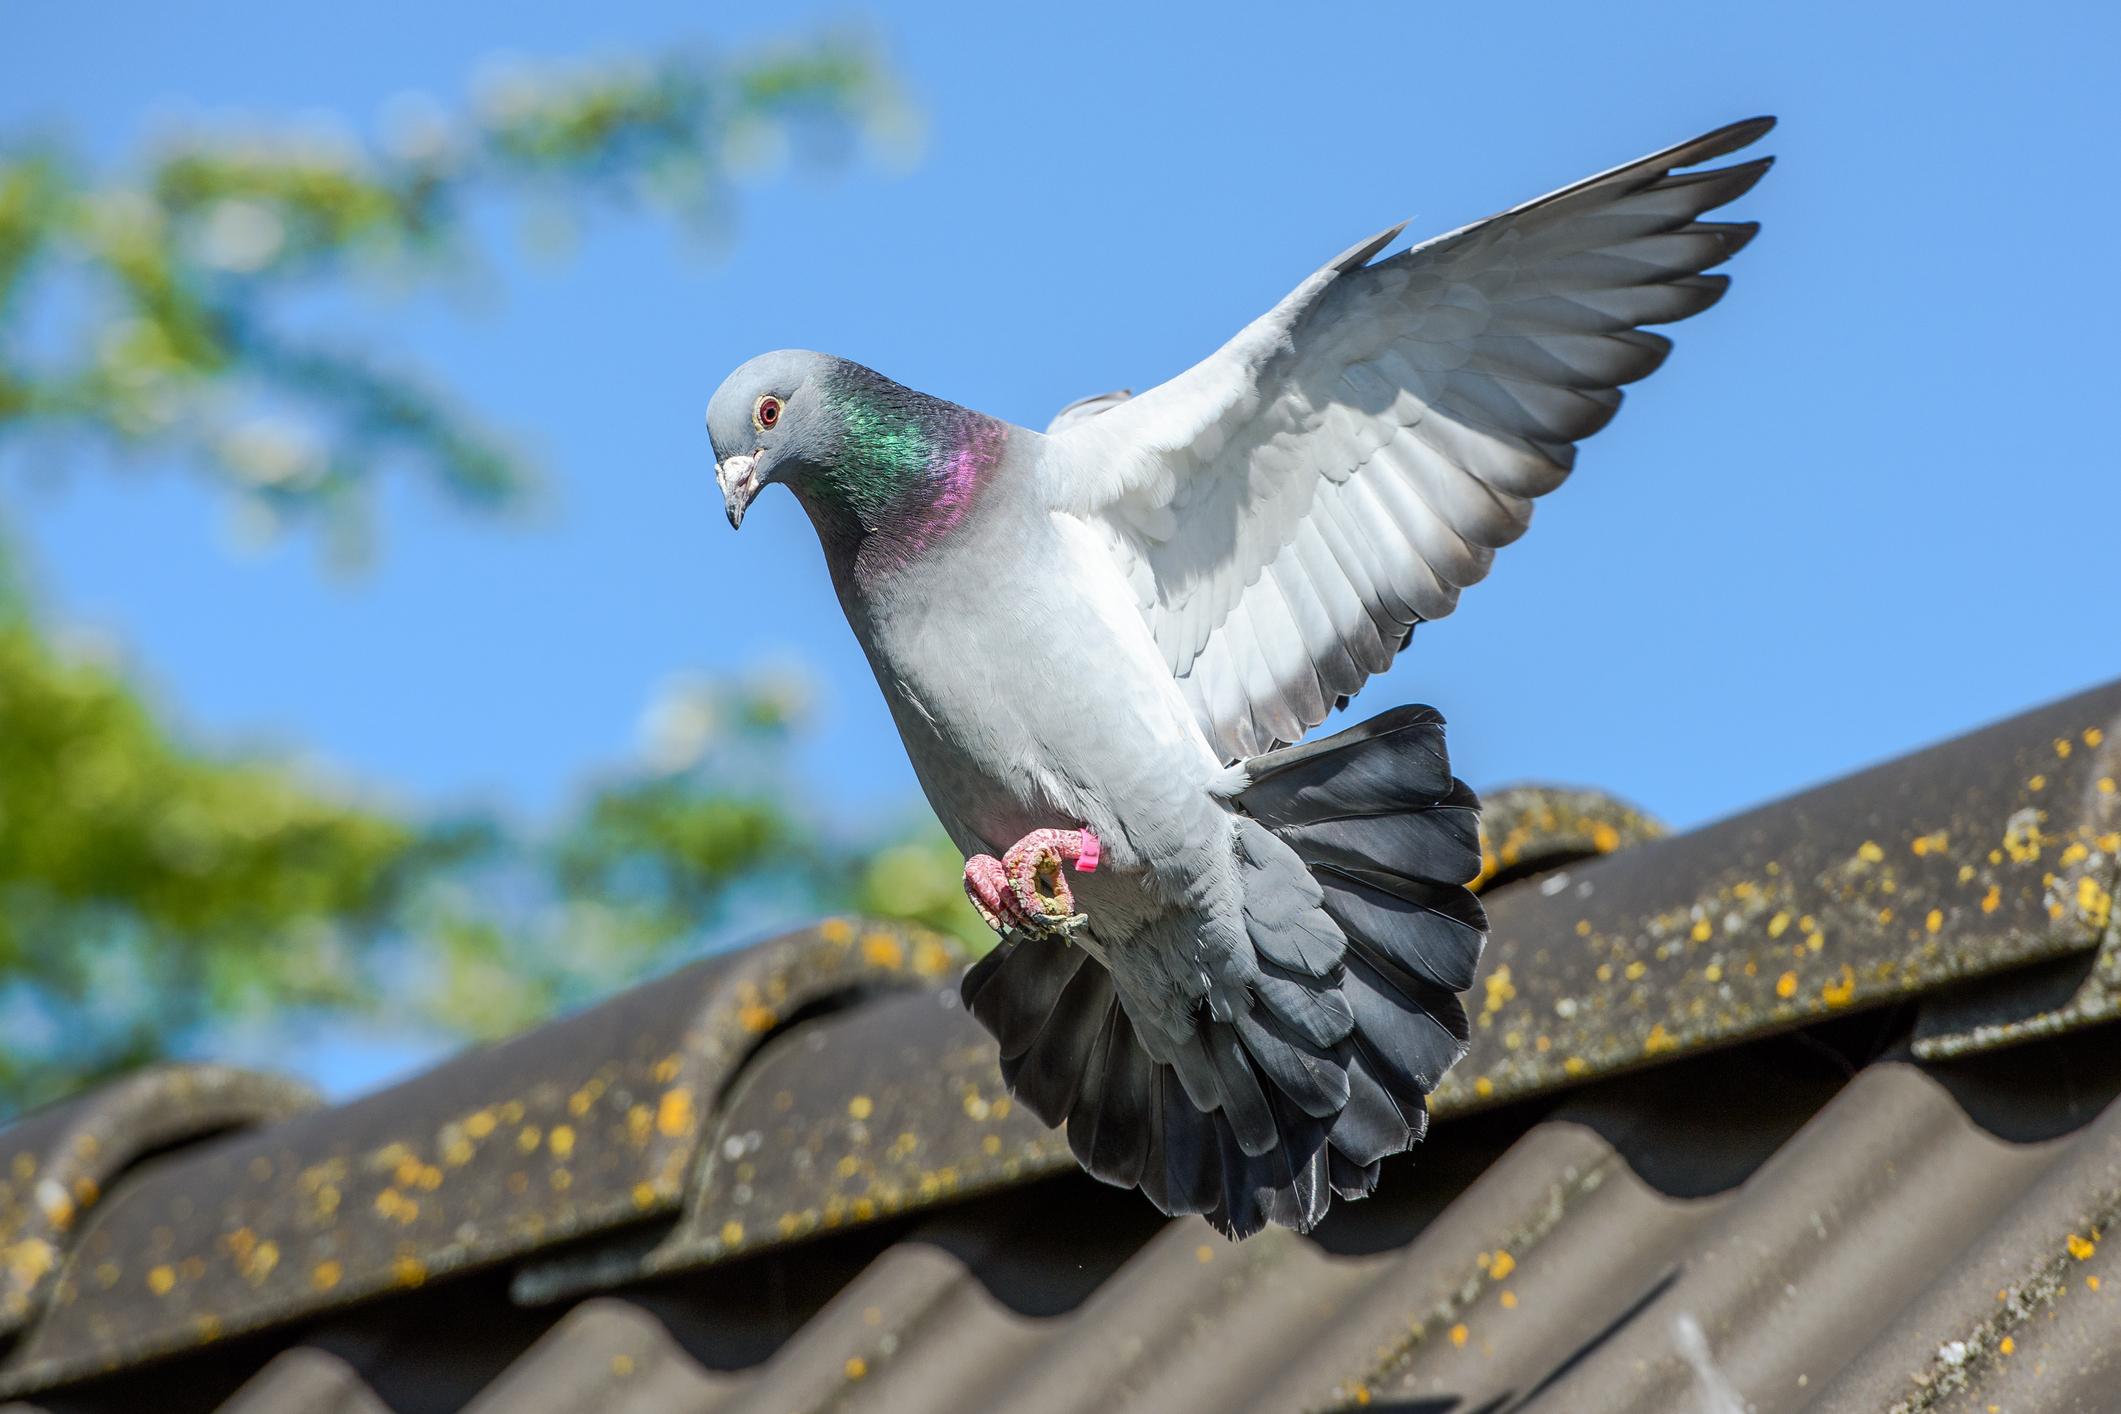 Un porumbel a supraviețuit unei călătorii extraordinare de 13.000 de kilometri. Acum, autoritățile din Australia vor să-l omoare